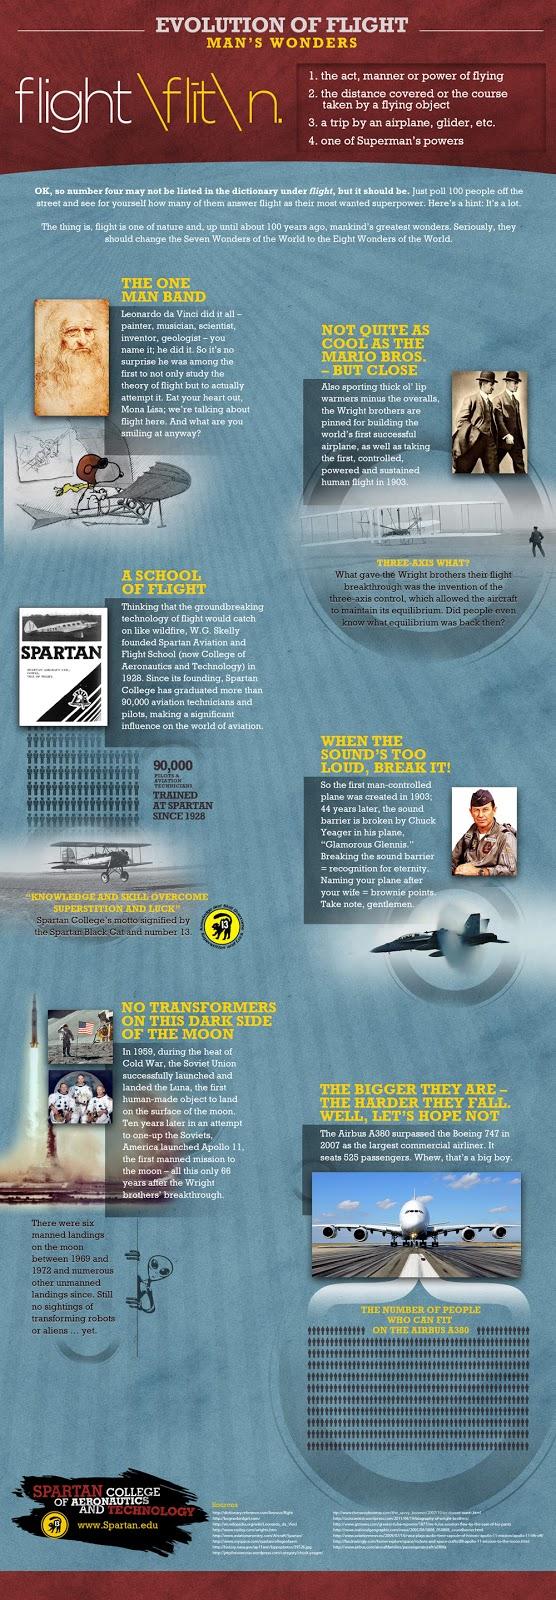 Evolution of Flight. Man's Wonder